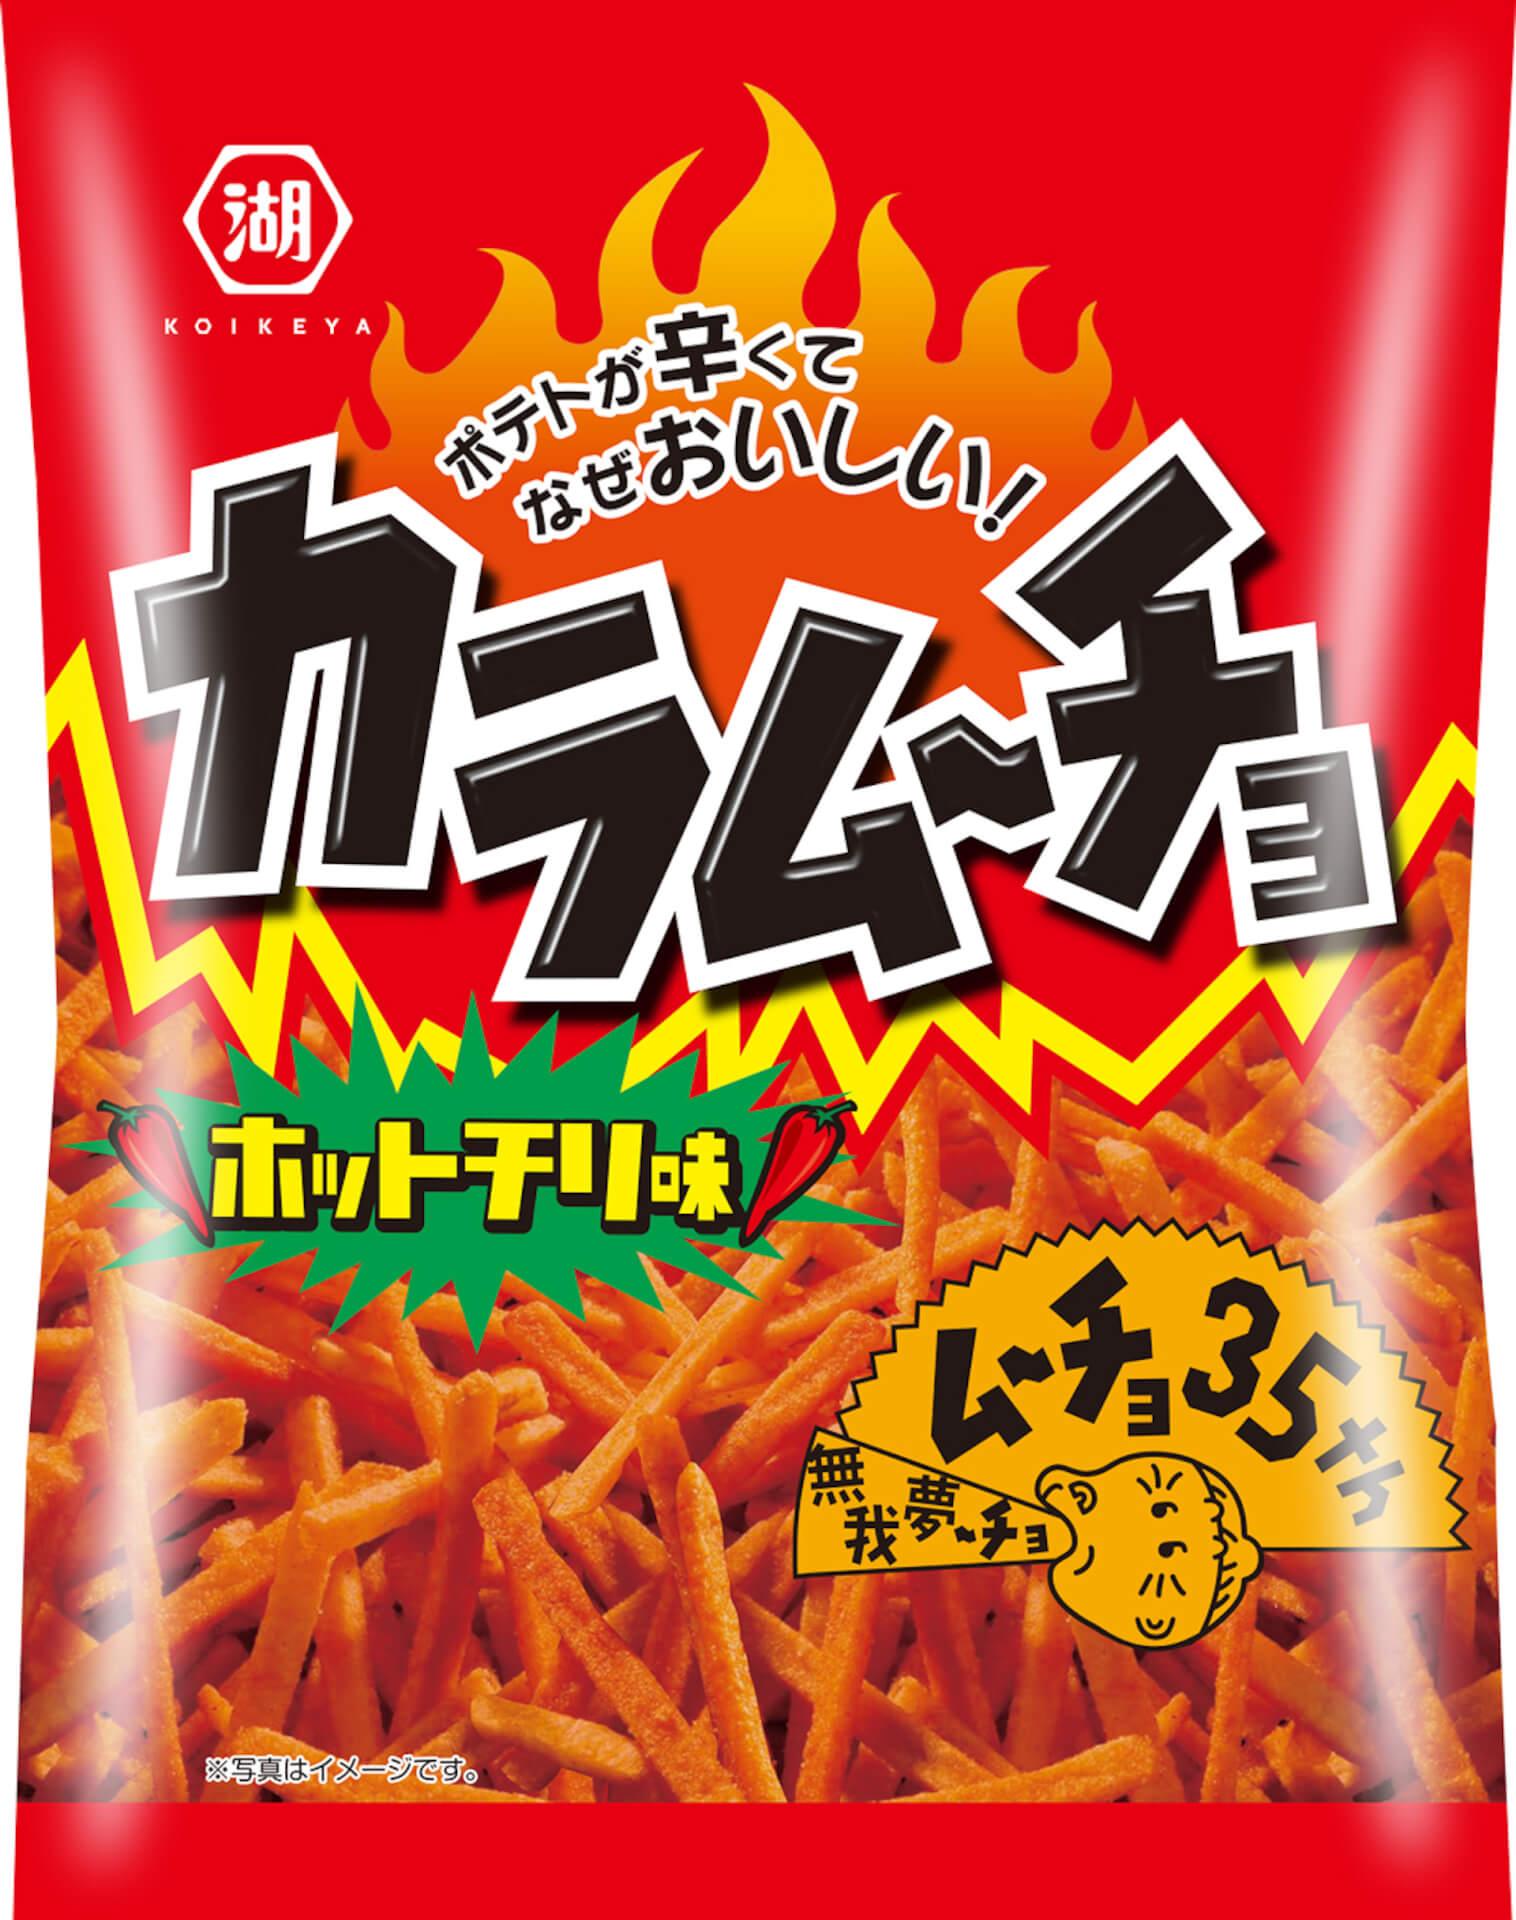 ファミチキにお菓子の定番・カラムーチョ味が登場!ファミリーマートで本日より発売 gourmet200616_famichiki_2